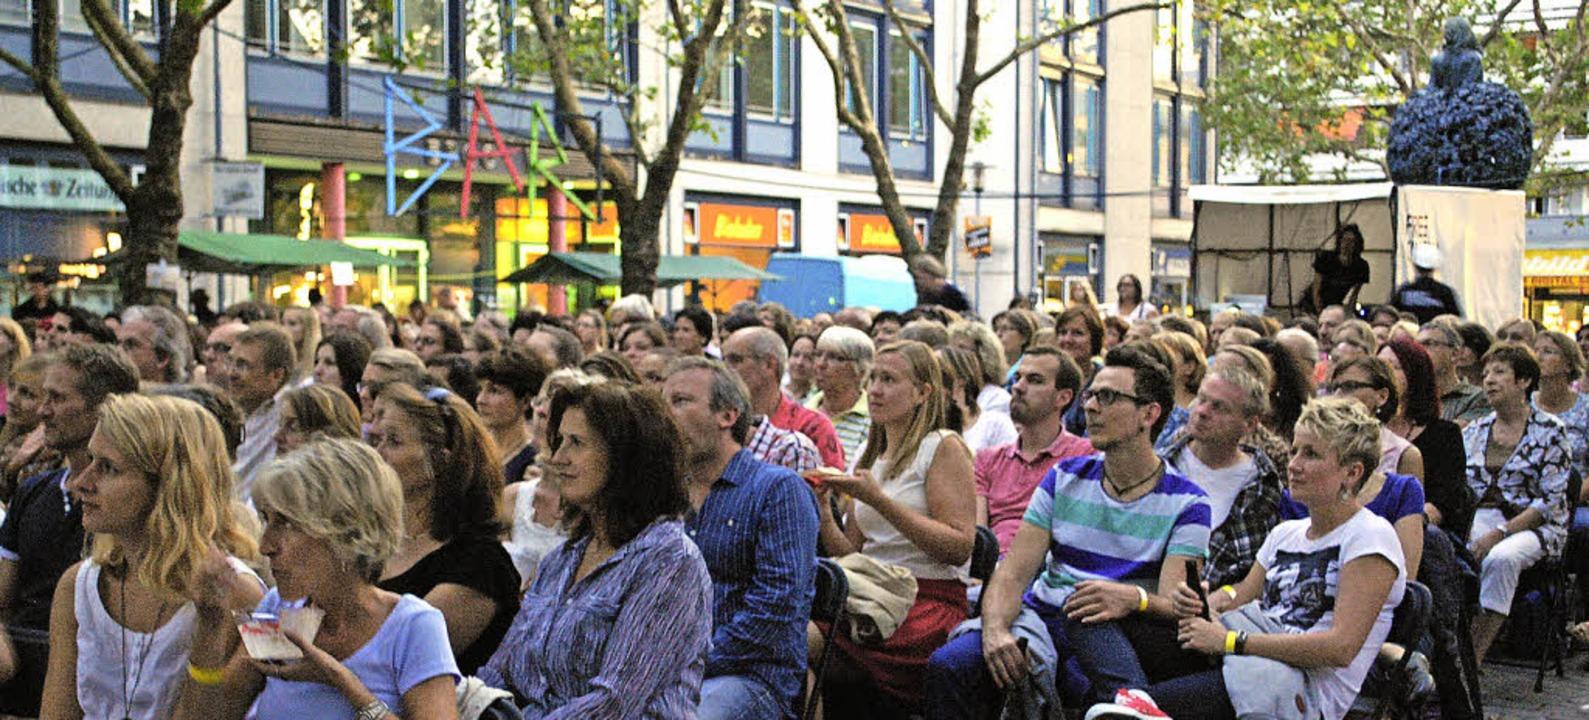 Kino an einem warmen Sommerabend auf dem Marktplatz: Noch einmal ausverkauft.     Foto: Thomas Loisl Mink